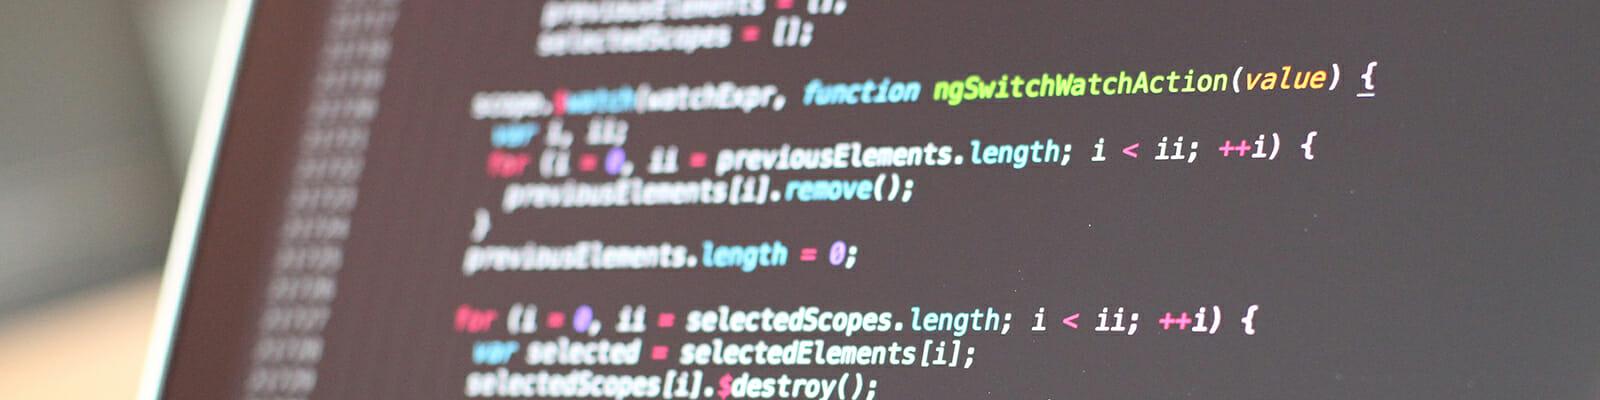 Kódrészlet egy honlapról